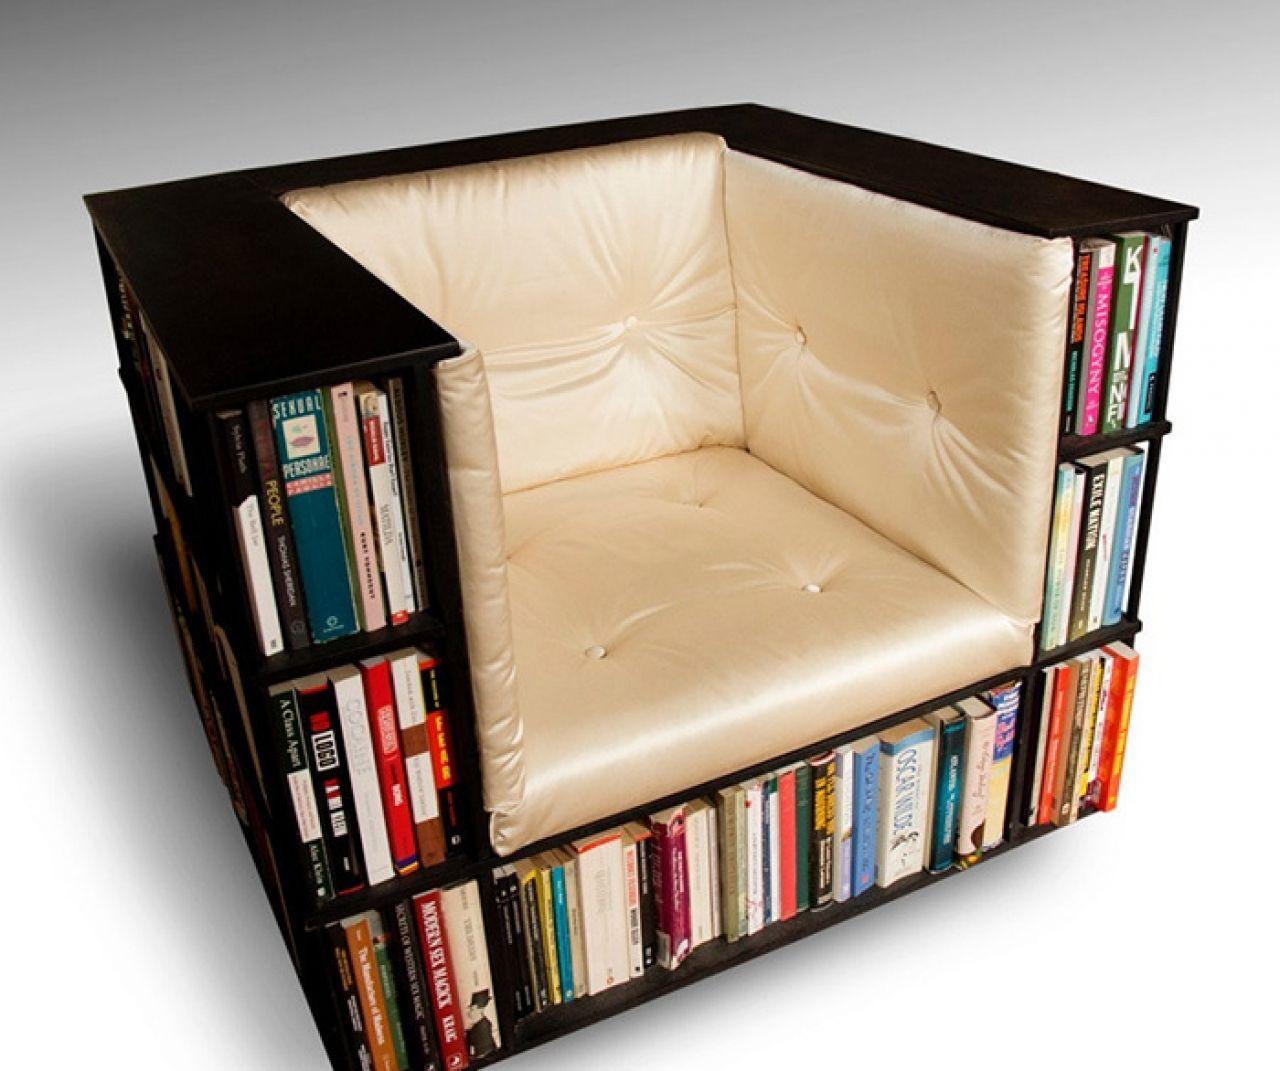 Muebles Bonitos Mueble De Saln Modelo Nilson Color Blanco Y Negro  # Muebles Bonitos Sl